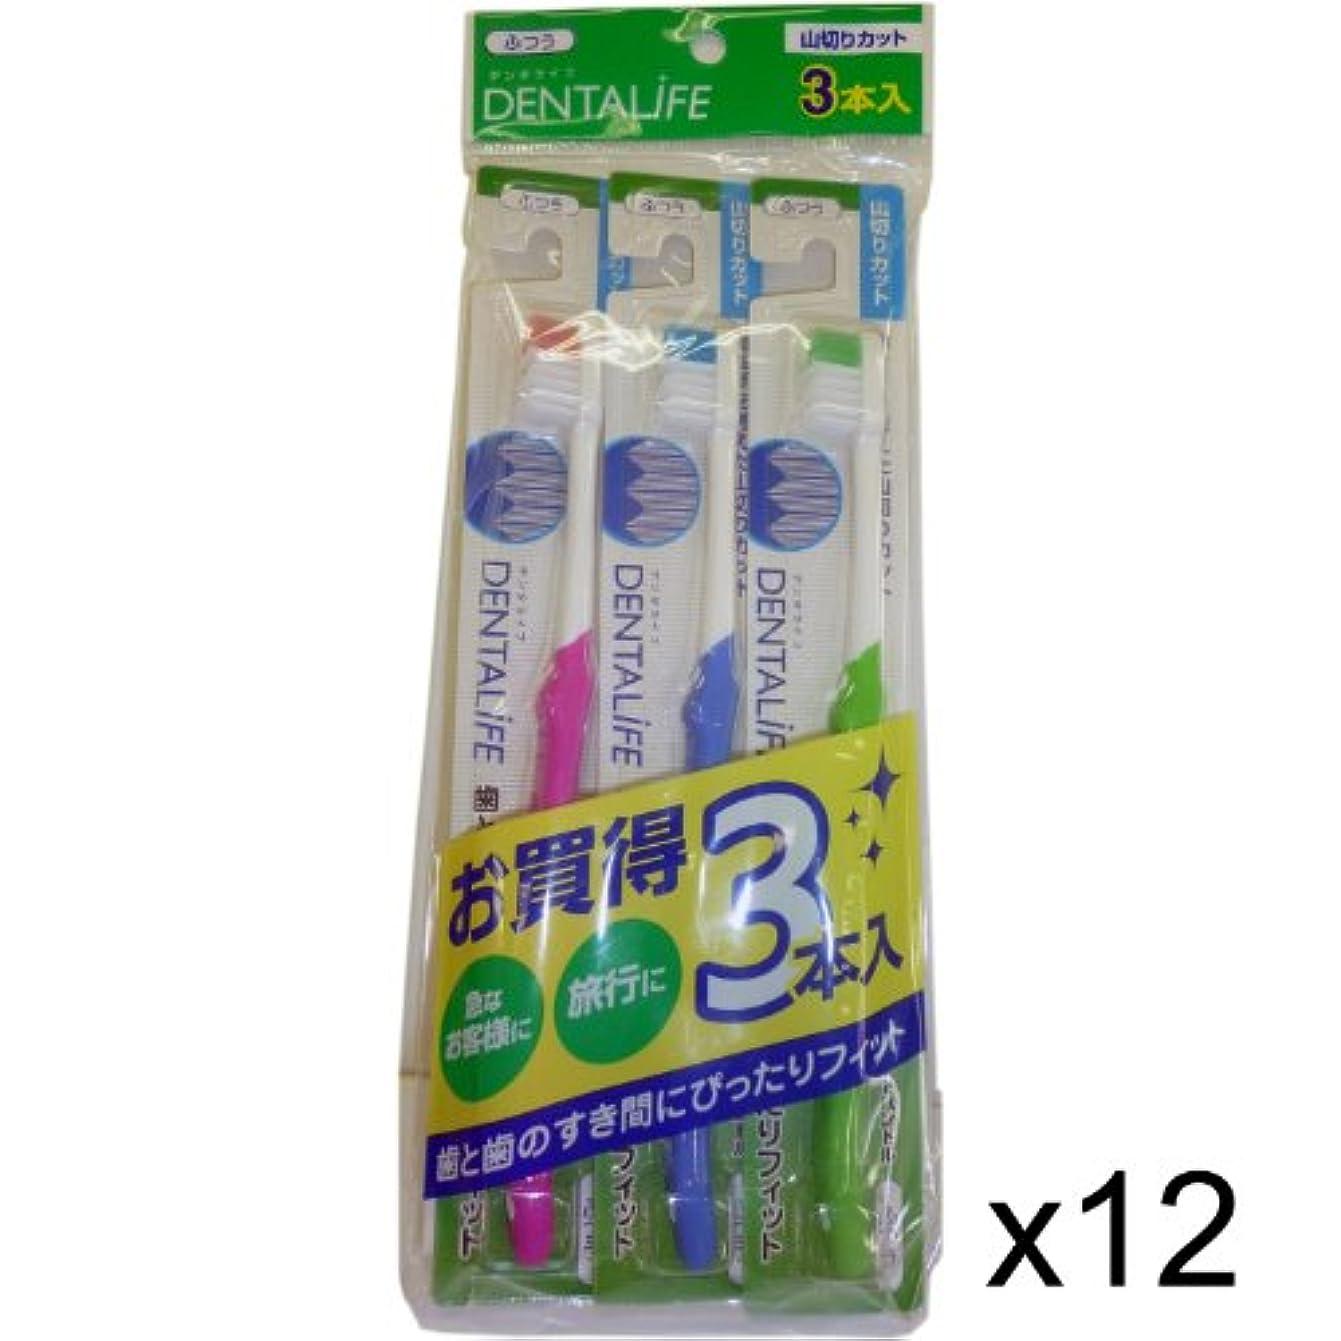 トロリーバス分解する可動式お徳用 DELTALIFE(デンタライフ)山切り歯ブラシ ふつう 3P×12ヶセット(36本)